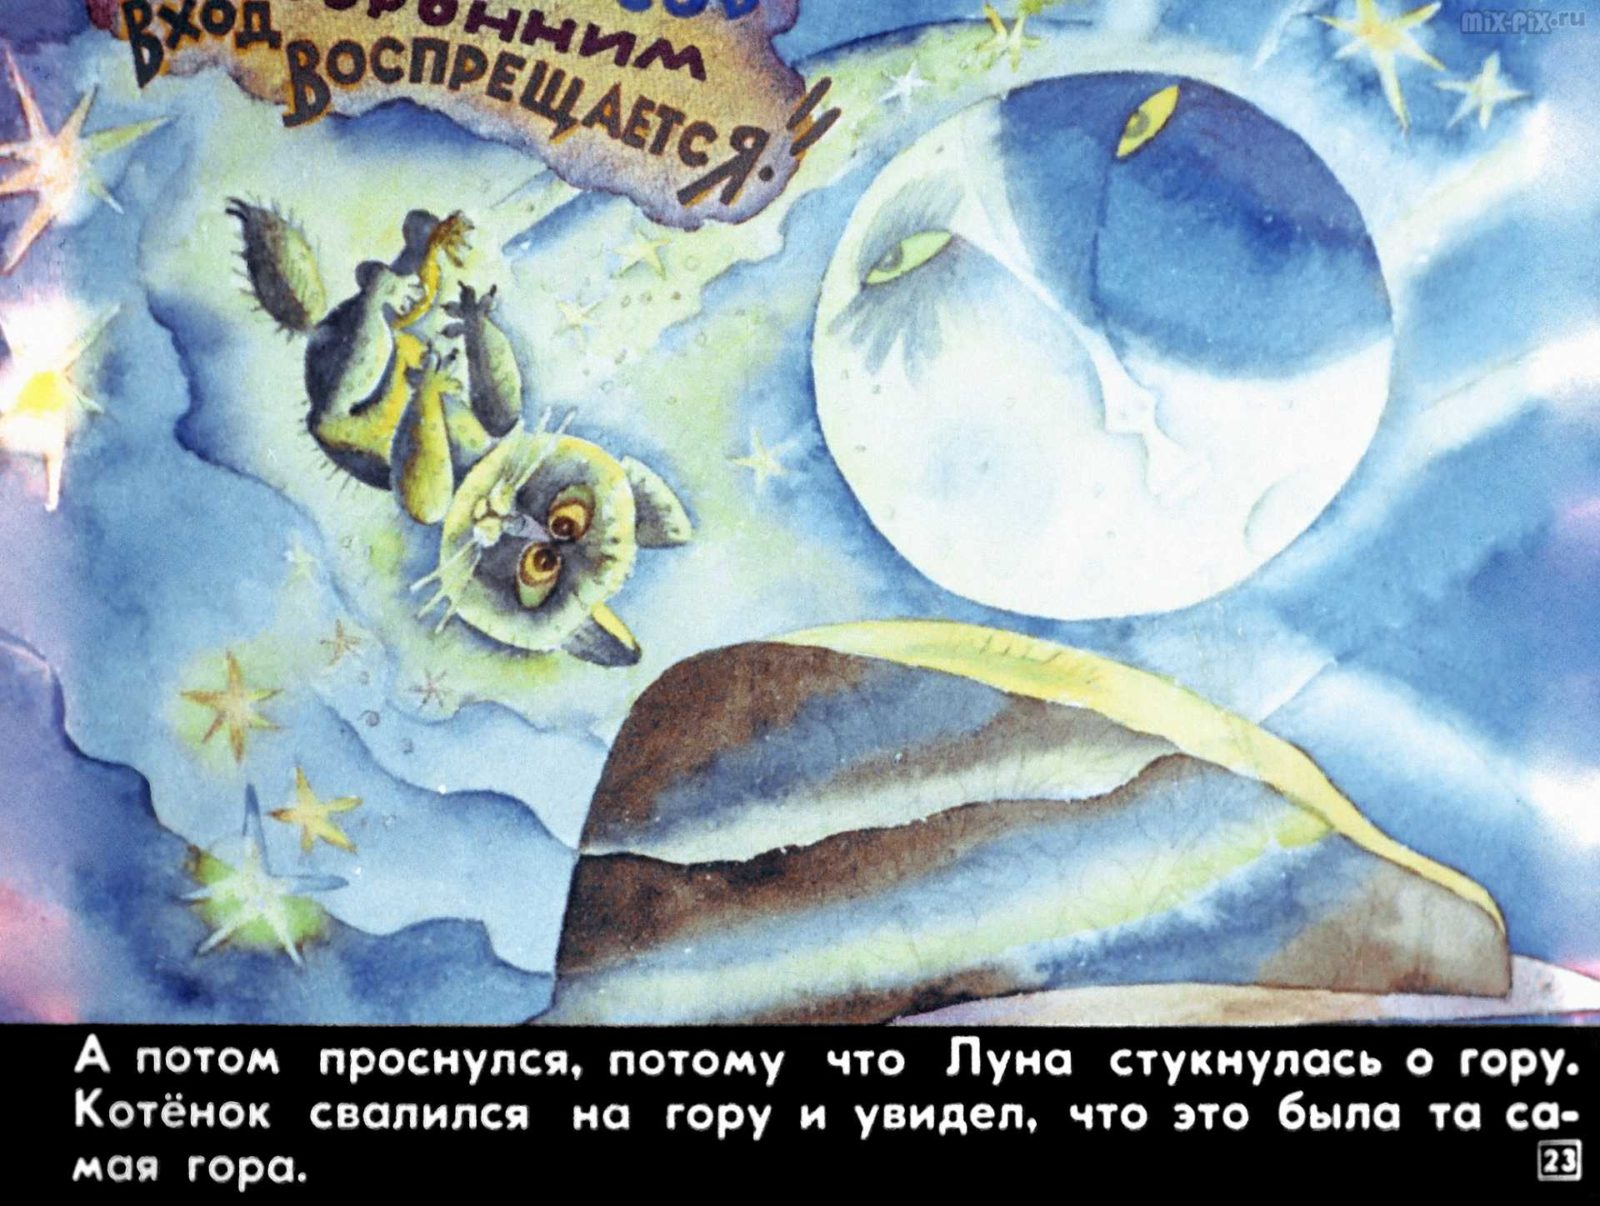 Сказка про лунный свет (1991) 40